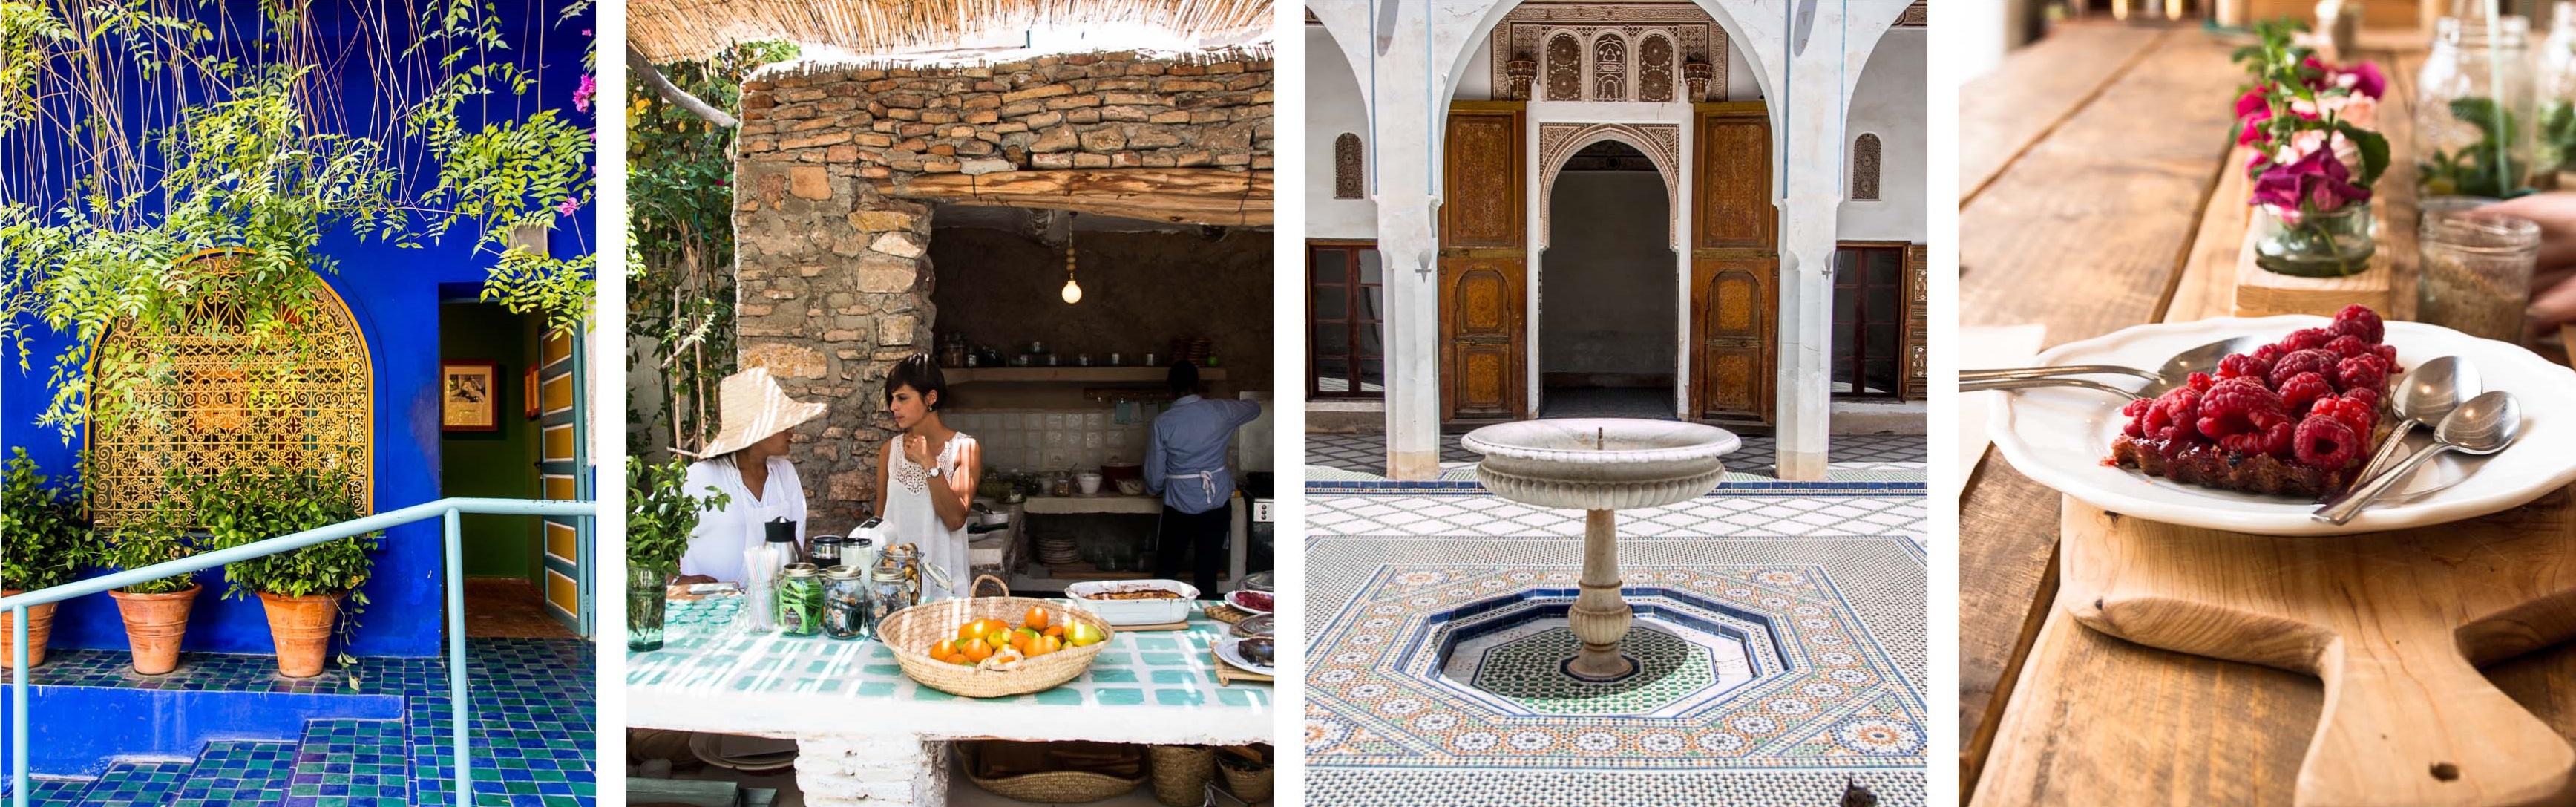 Marhaba Marrakesch 1 Lieblingsplätze Veggie Glück Und Der Garten